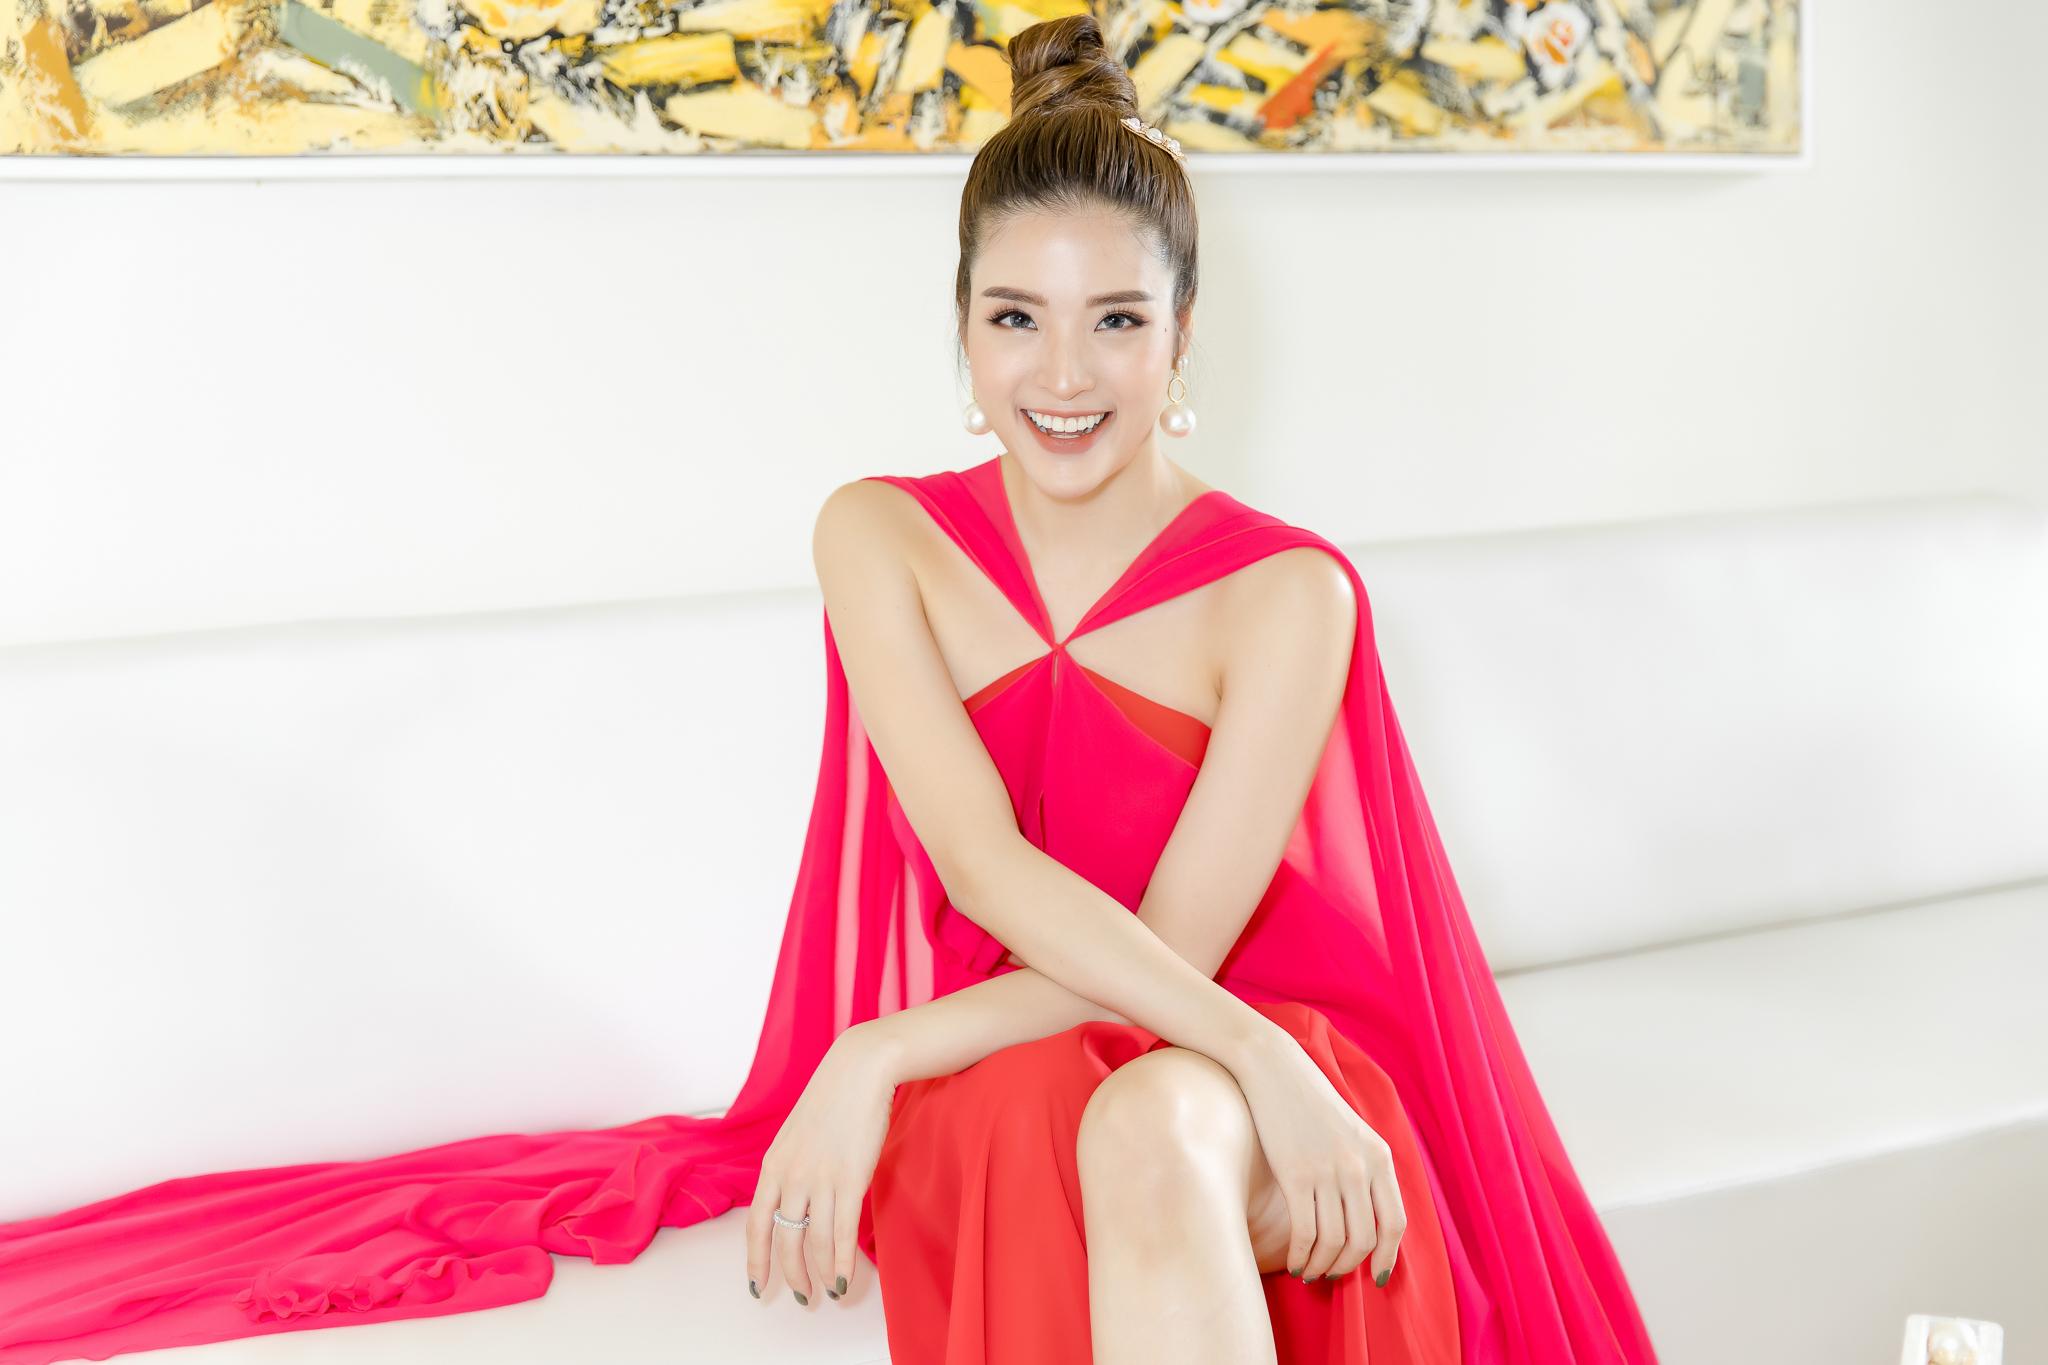 Hoa hậu Phan Hoàng Thu khoe thân hình đồng hồ cát chuẩn nữ thần - 4